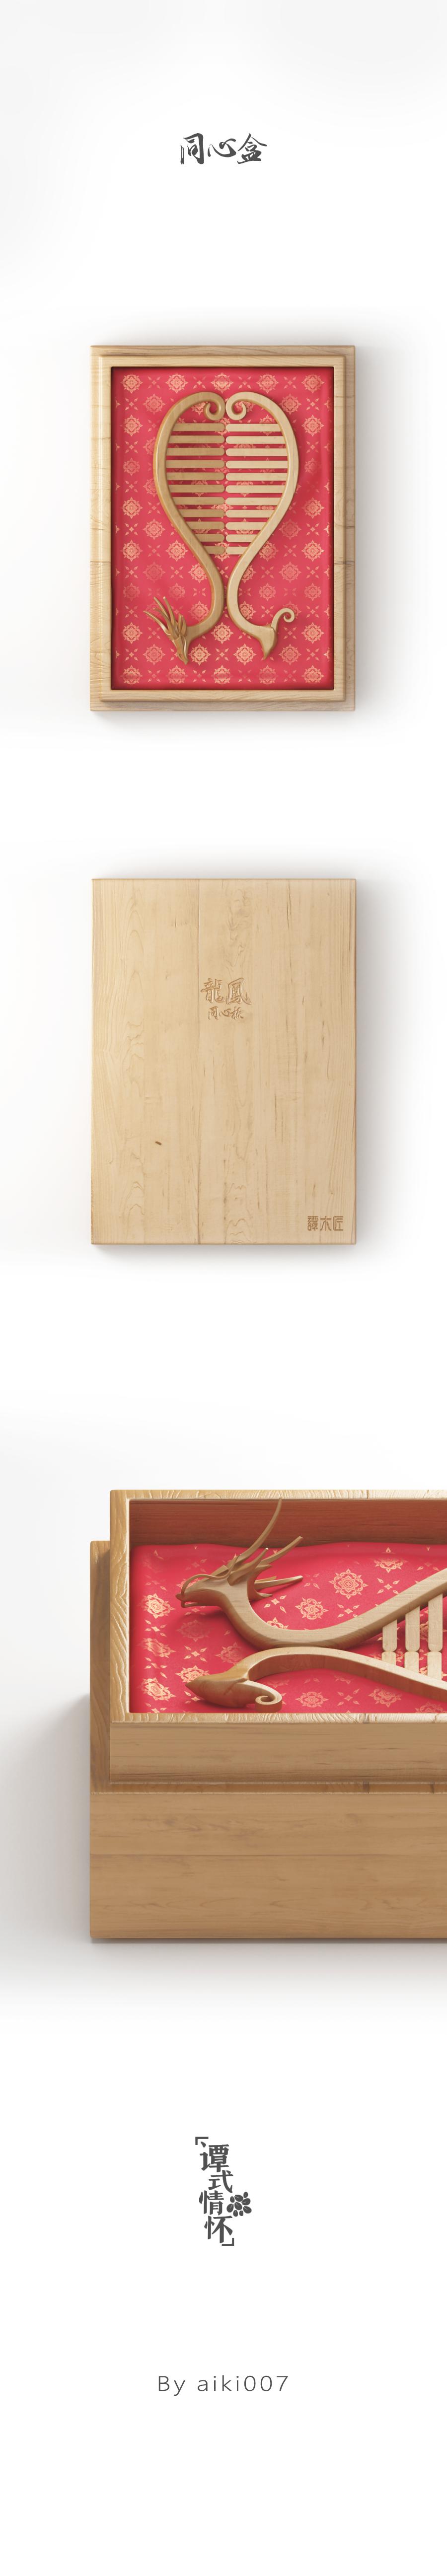 查看《龙凤同心》原图,原图尺寸:900x5188